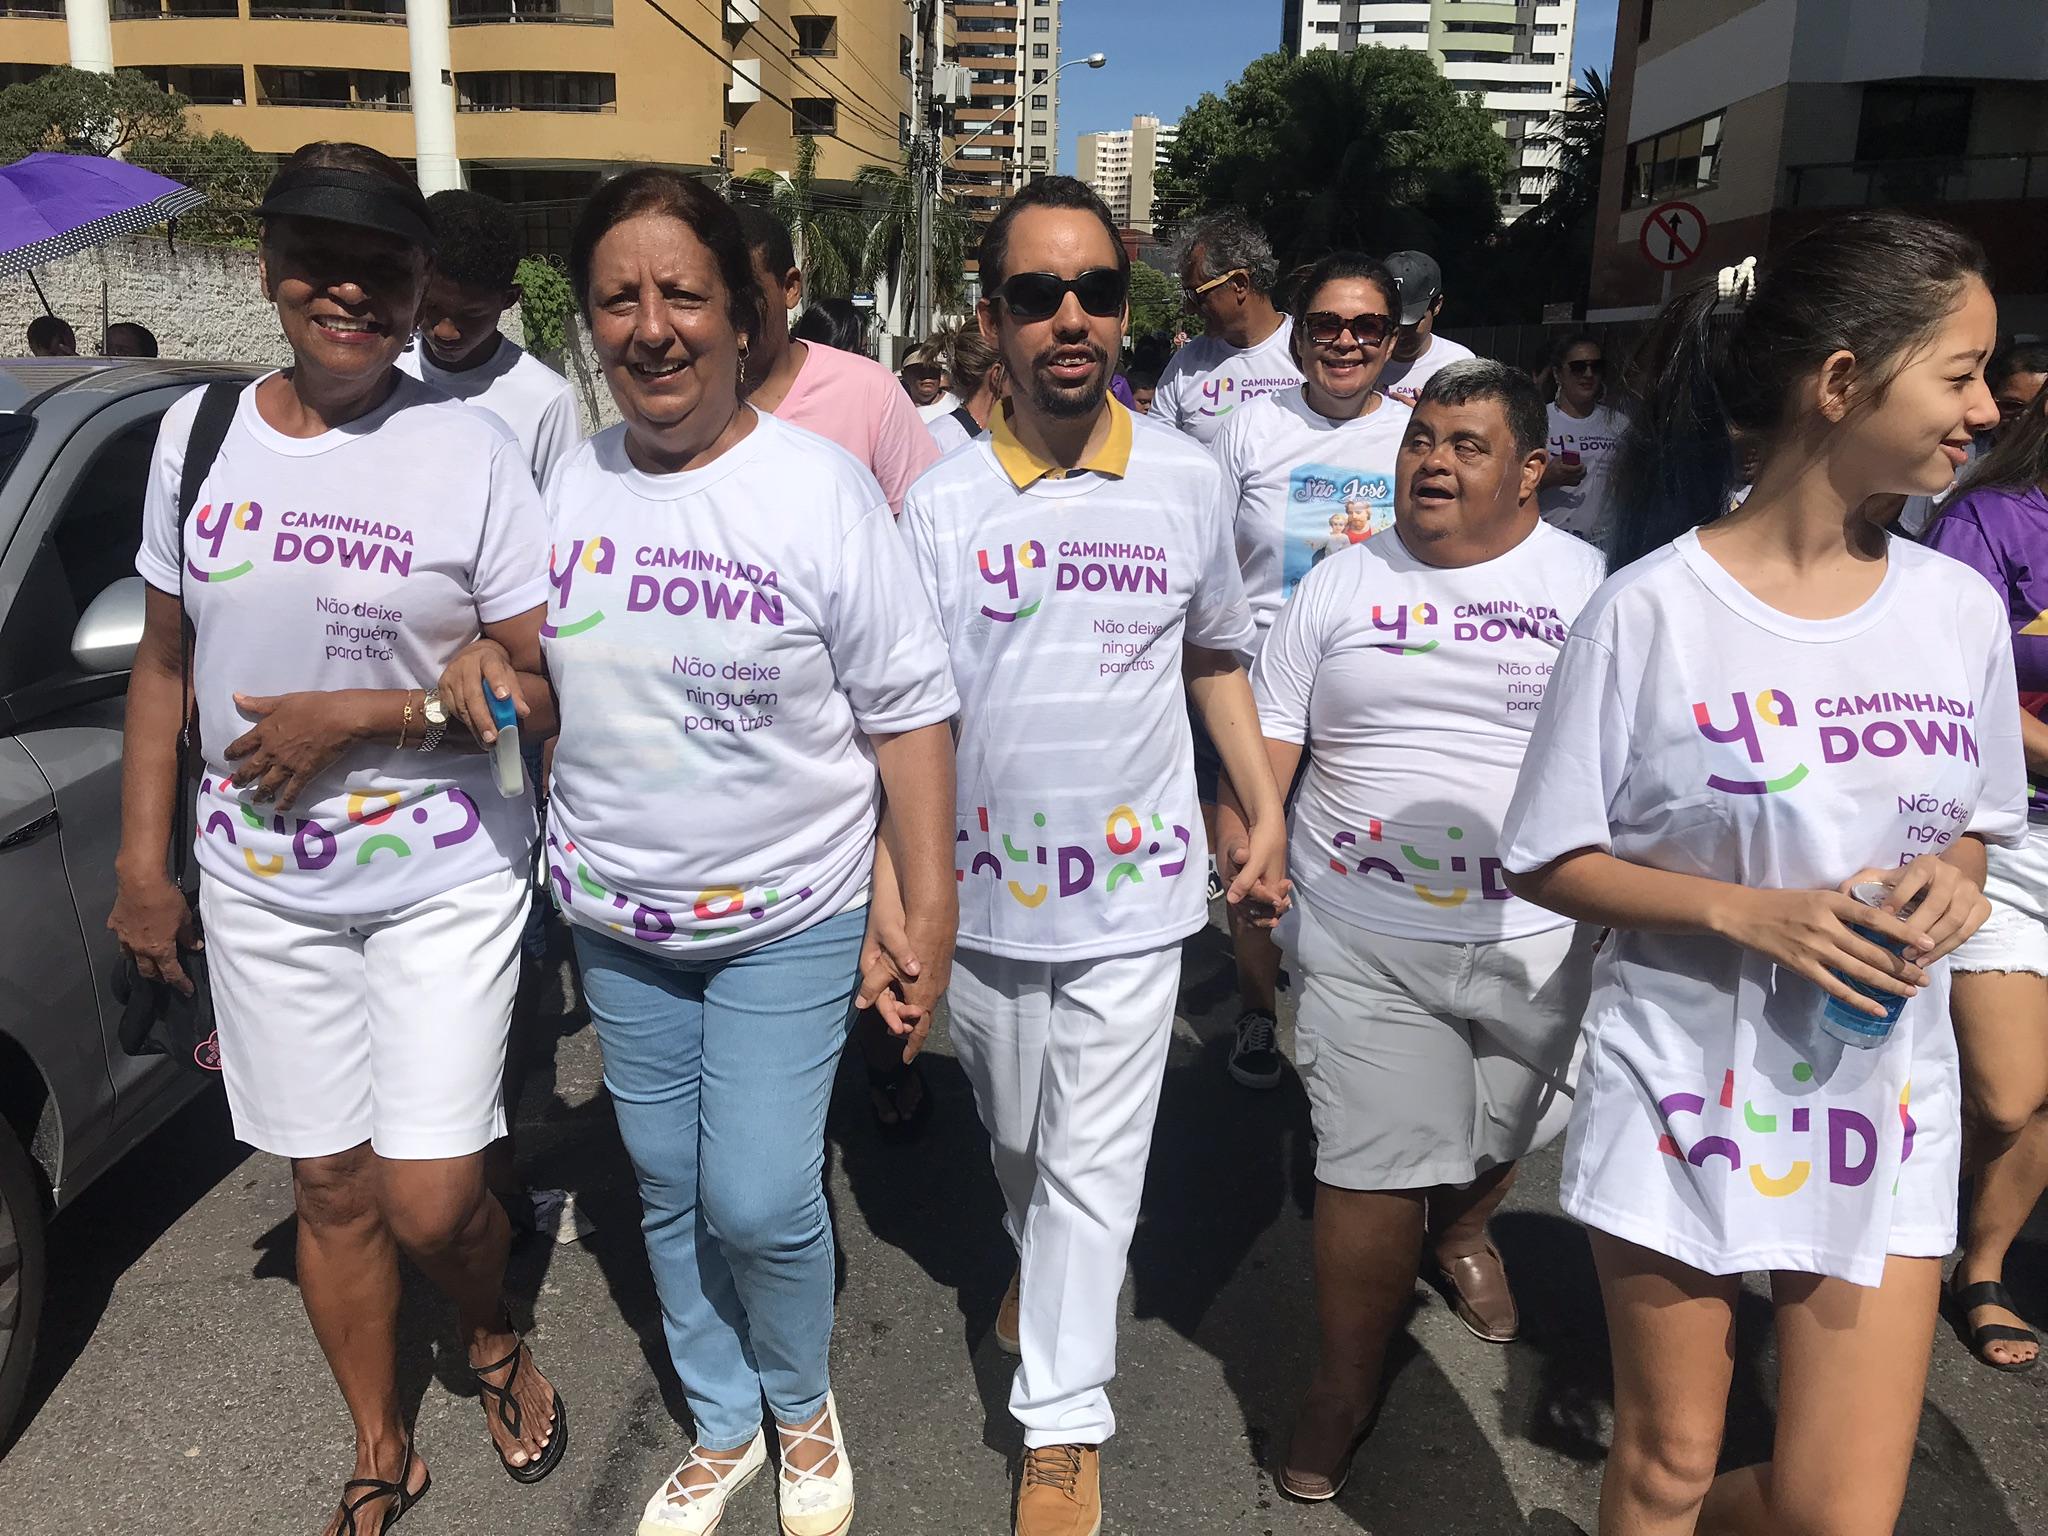 #PraTodoMundoVer Lucas está ao lado dos demais participantes da caminhada vestindo a camisa da ação